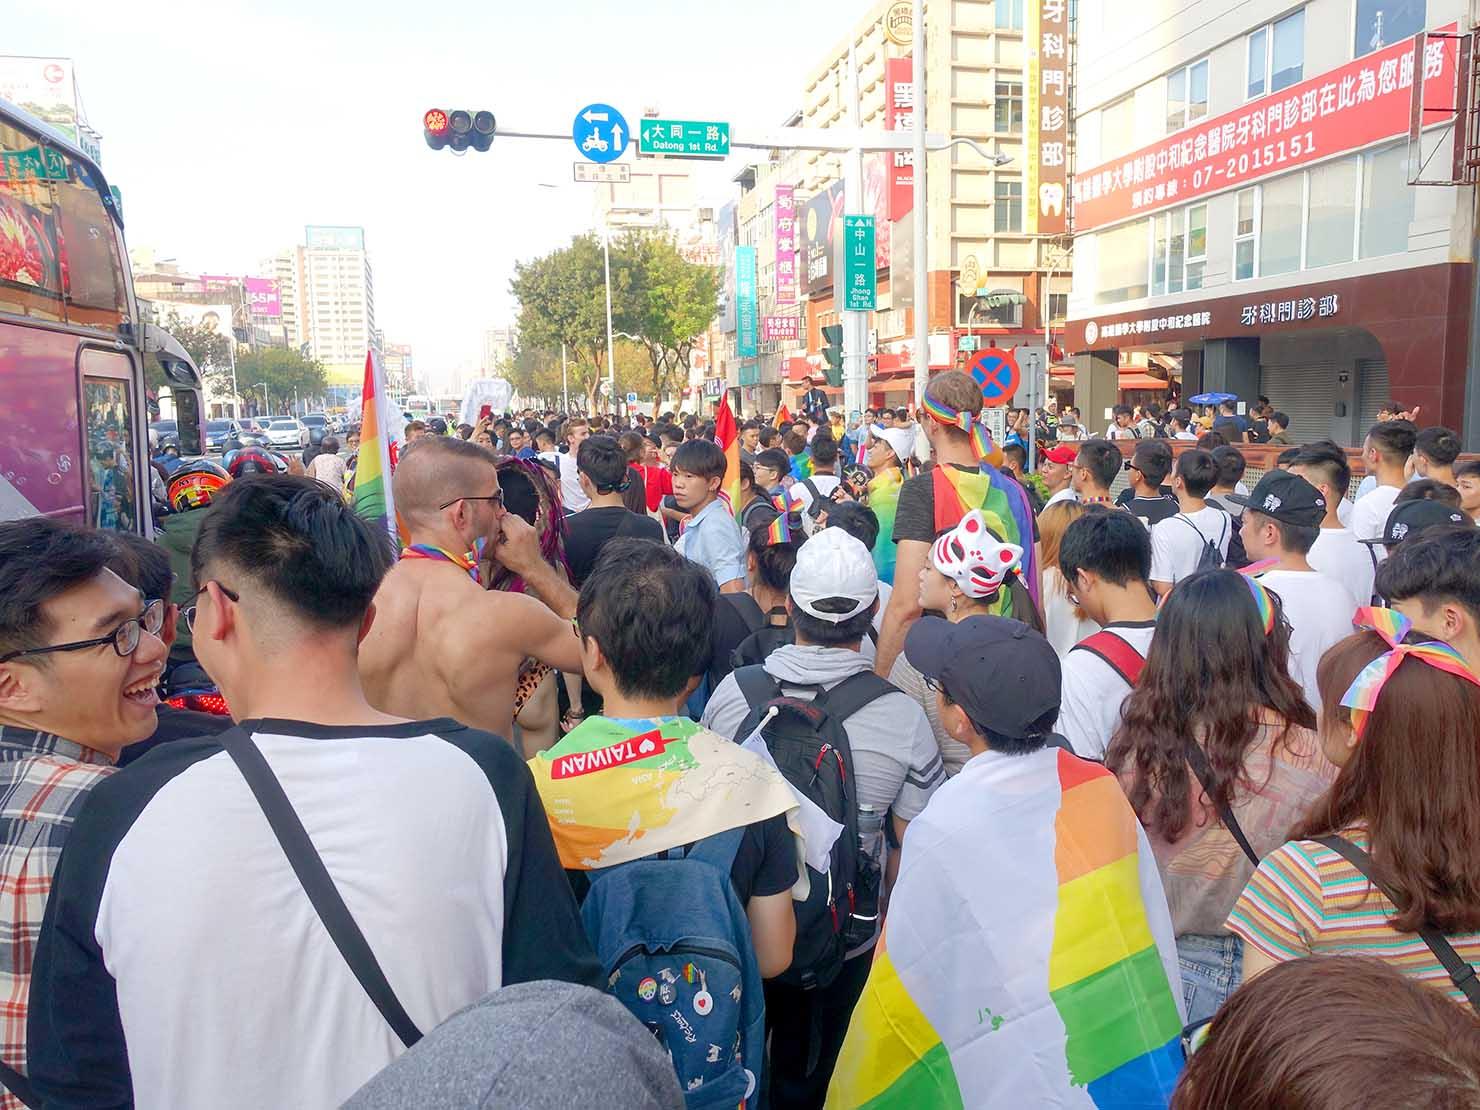 「高雄同志大遊行(高雄プライド)」2019で中山一路を歩くパレード参加者たち